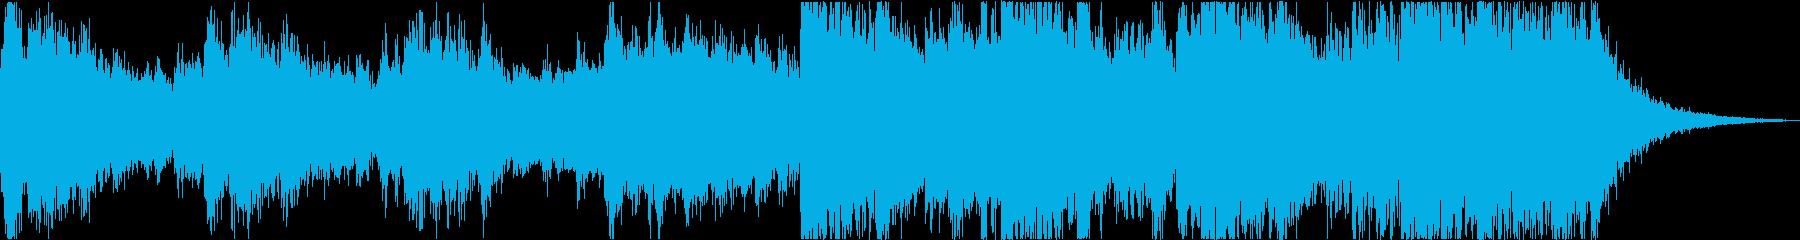 感動壮大企業VPエピックオーケストラfの再生済みの波形